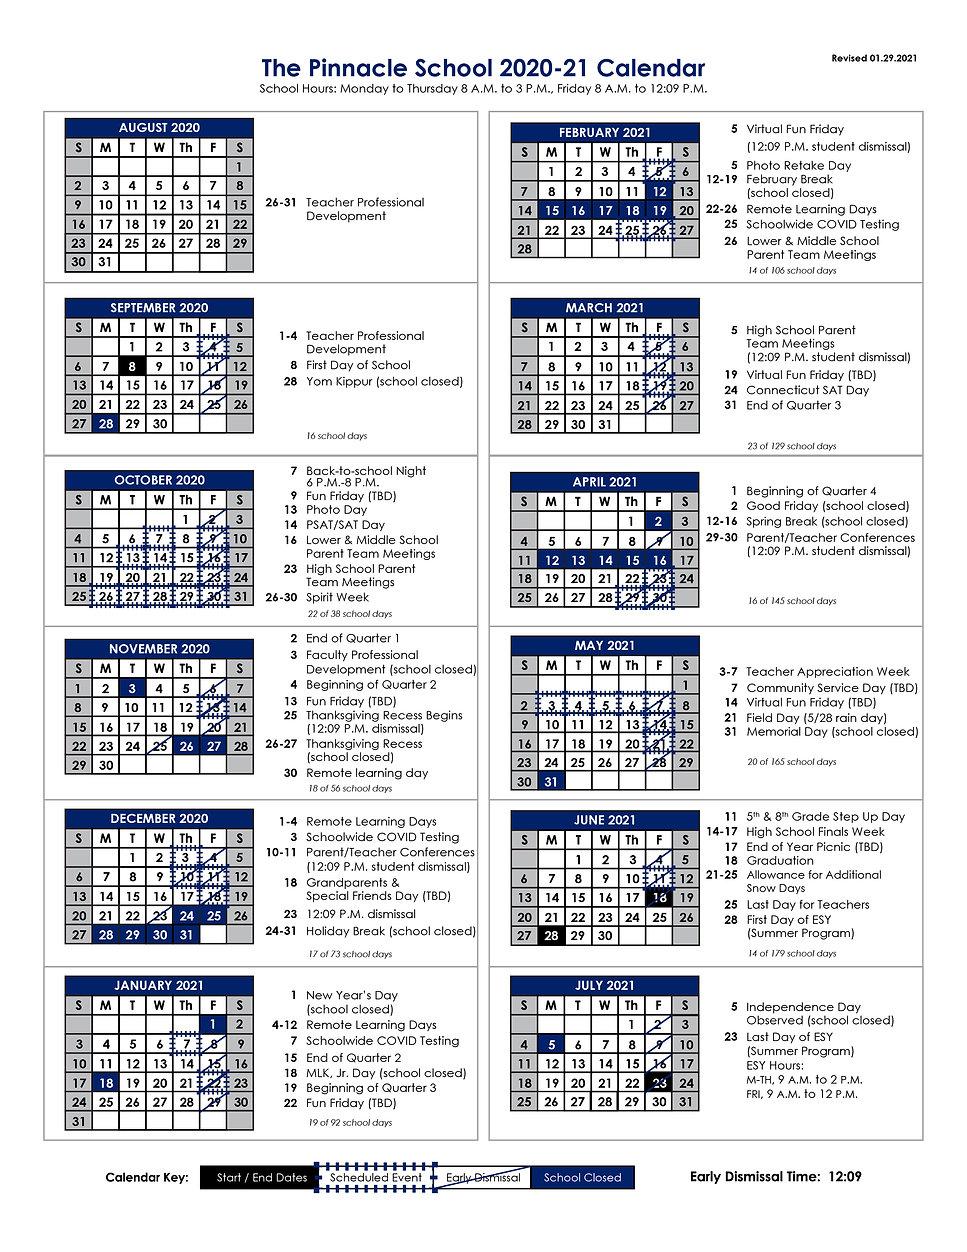 The Pinnacle School_2020-21 Calendar.jpg